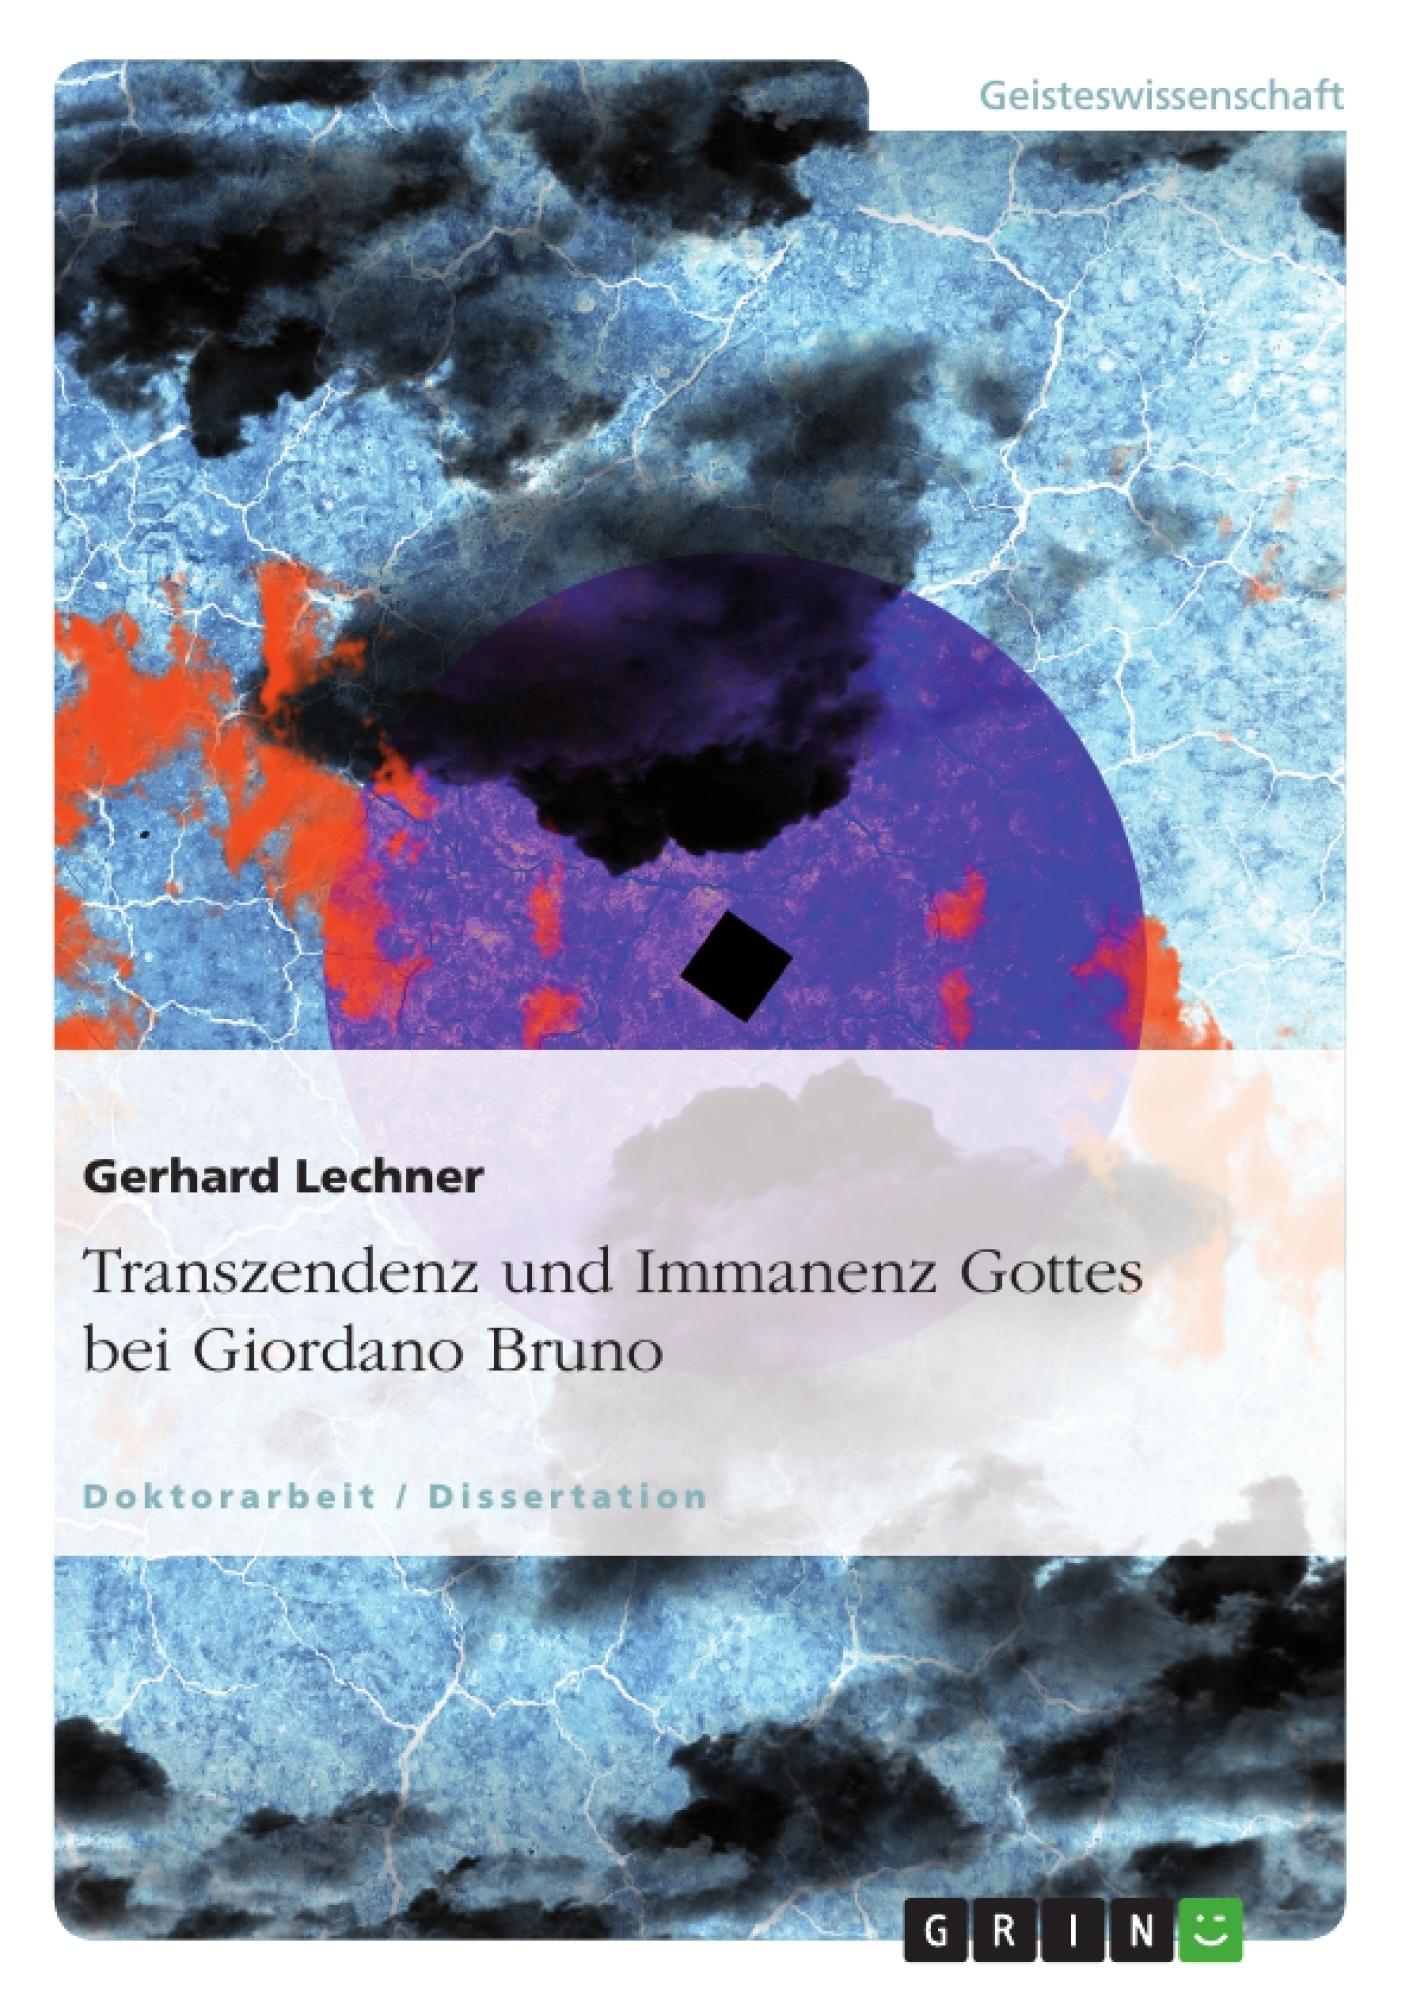 Titel: Transzendenz und Immanenz Gottes bei Giordano Bruno